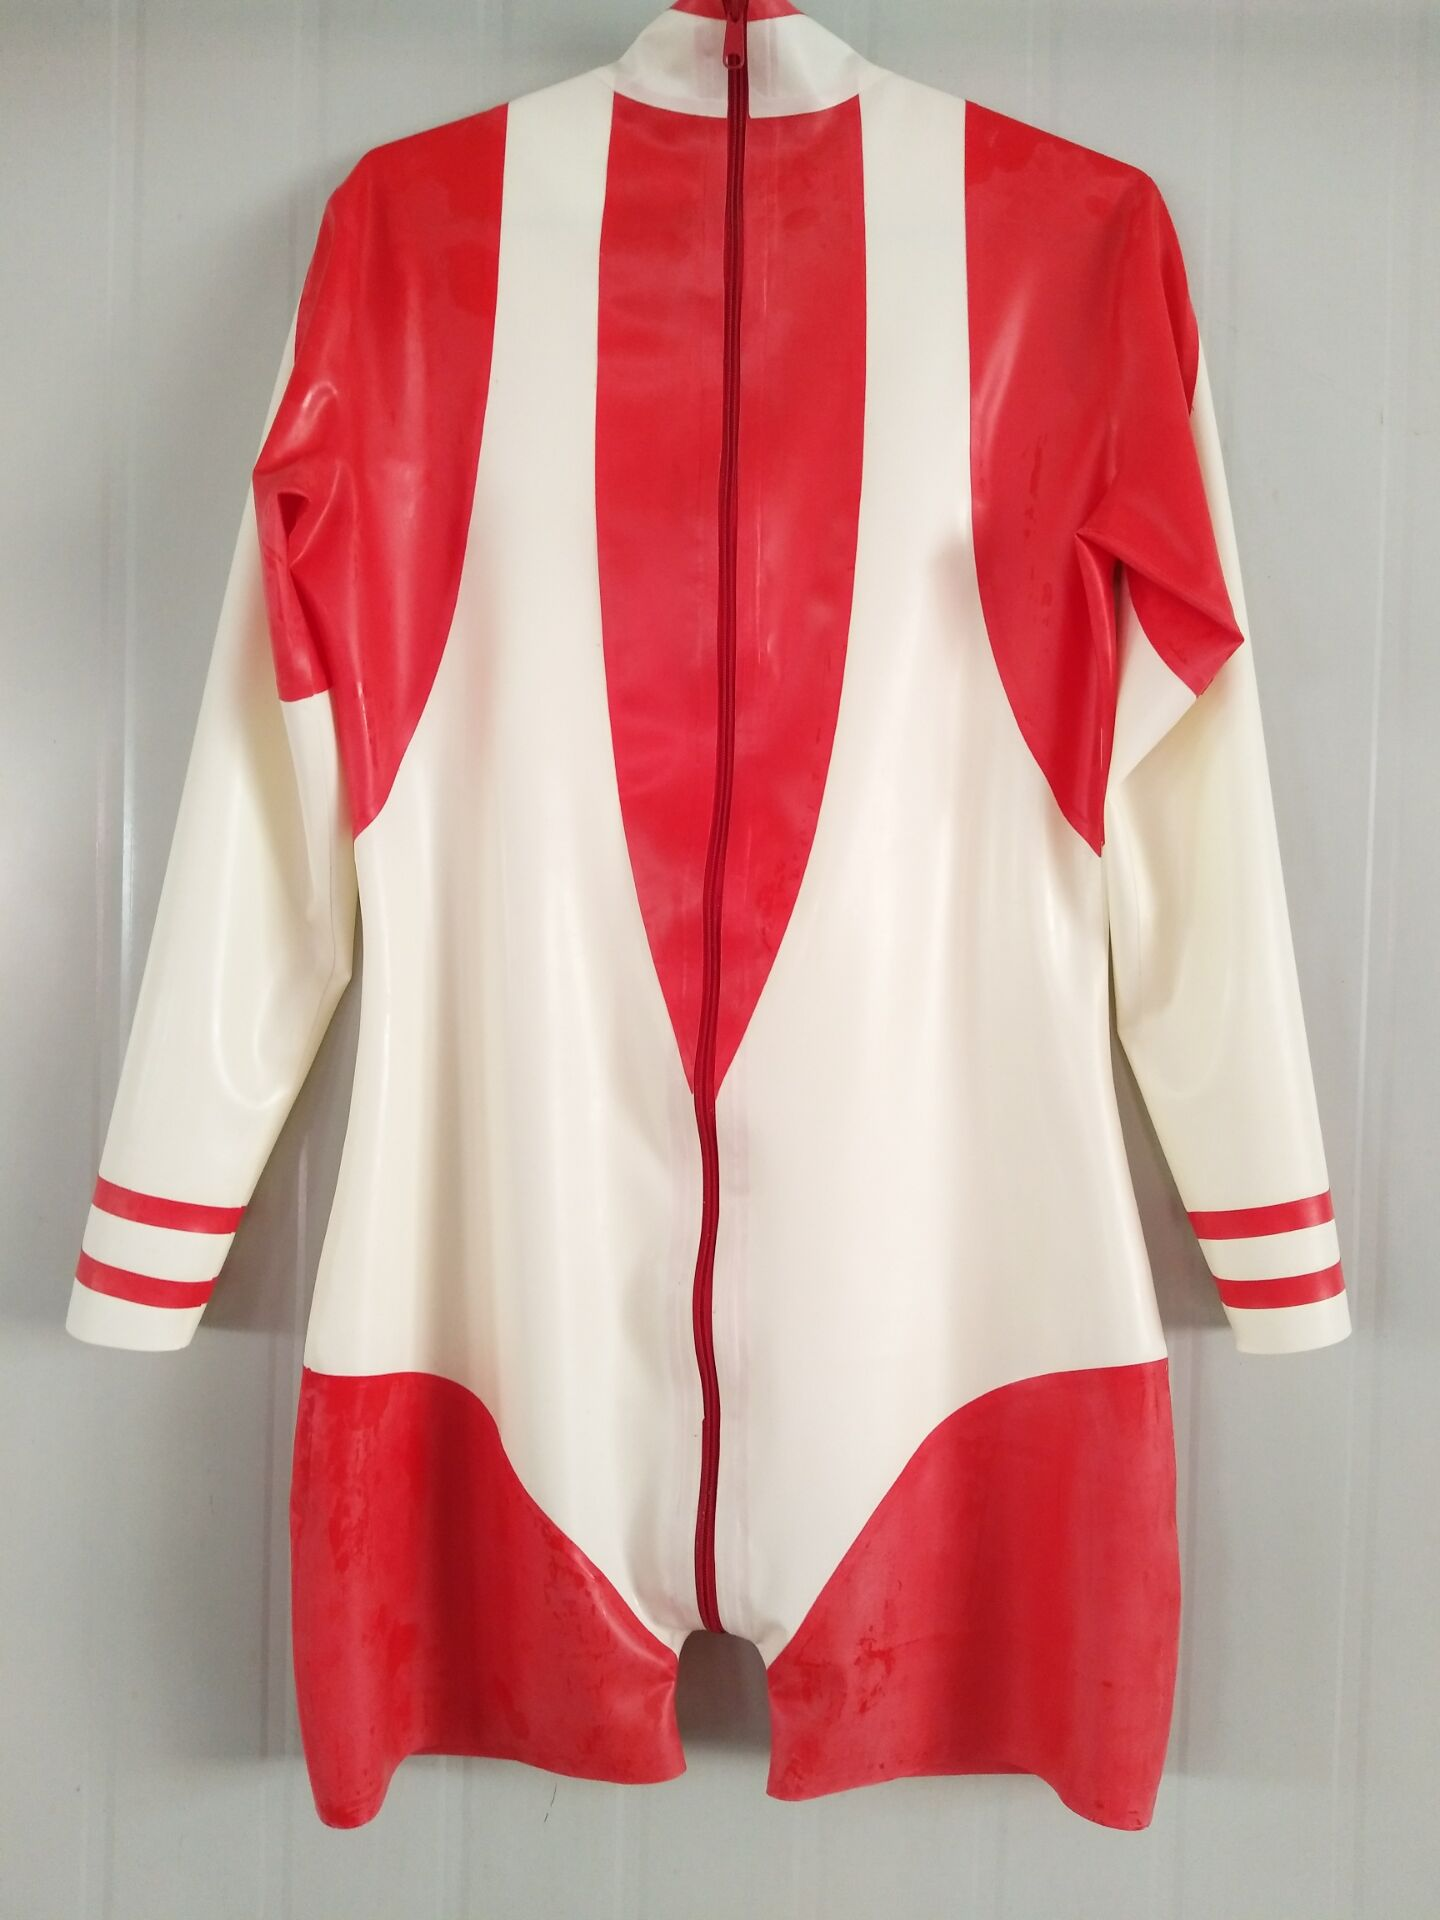 Caleçon Long en Latex unisexe rouge et blanc caleçon serré une pièce costume taille XXS-XXL